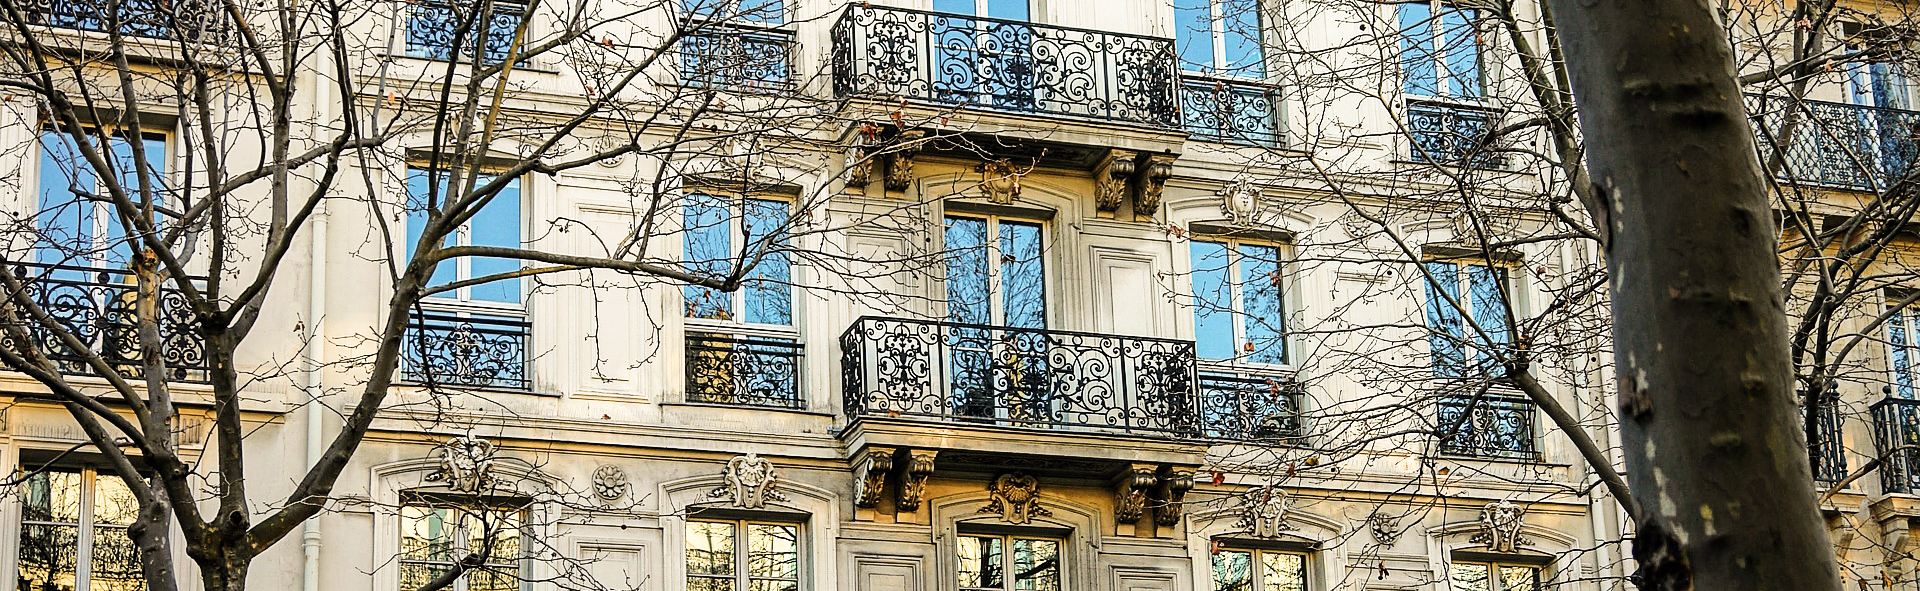 Chasseur Immobilier Paris 14